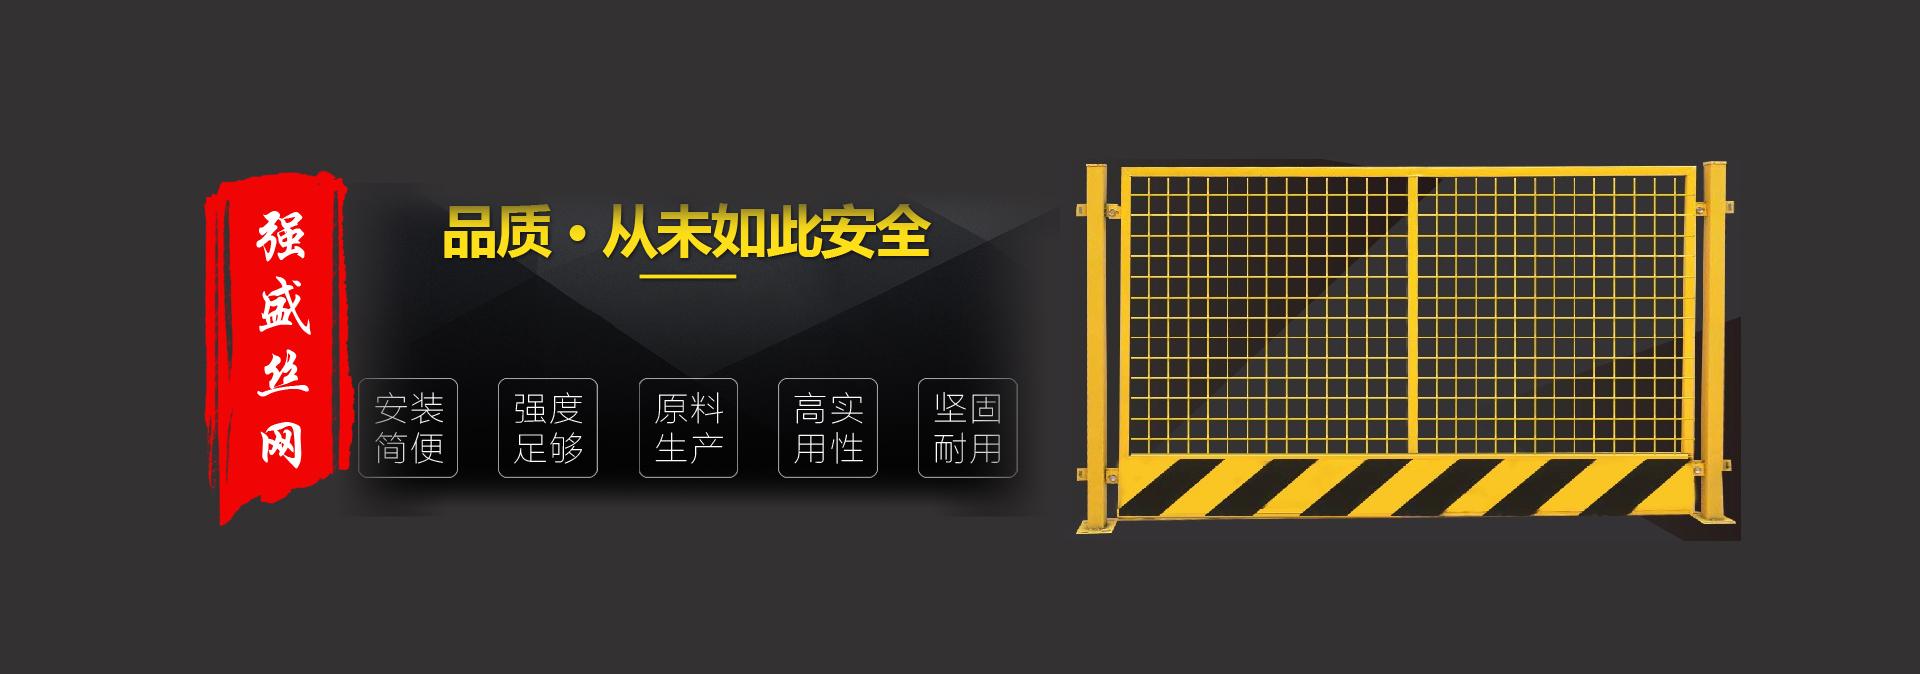 安平县强盛丝网制品有限公司